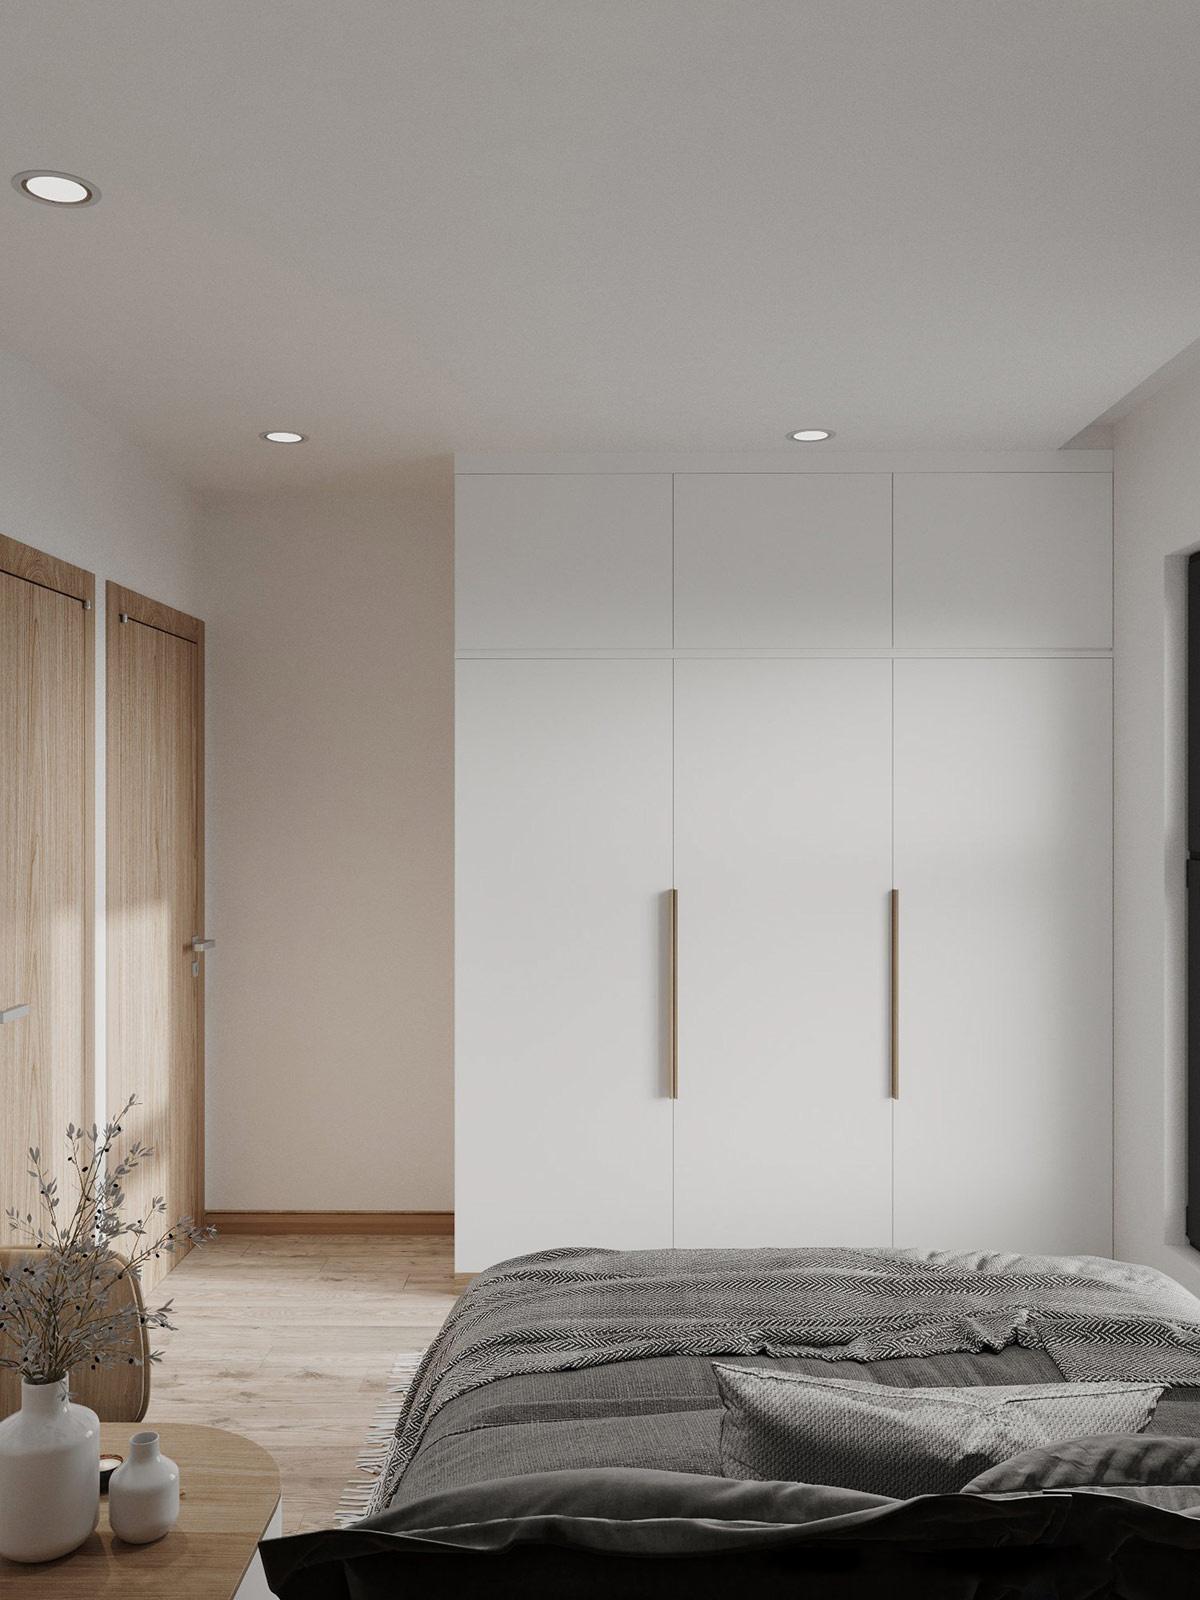 Kiến trúc sư tư vấn thiết kế nhà cấp 4 với diện tích 90m² chi phí tiết kiệm chỉ 180 triệu - Ảnh 12.